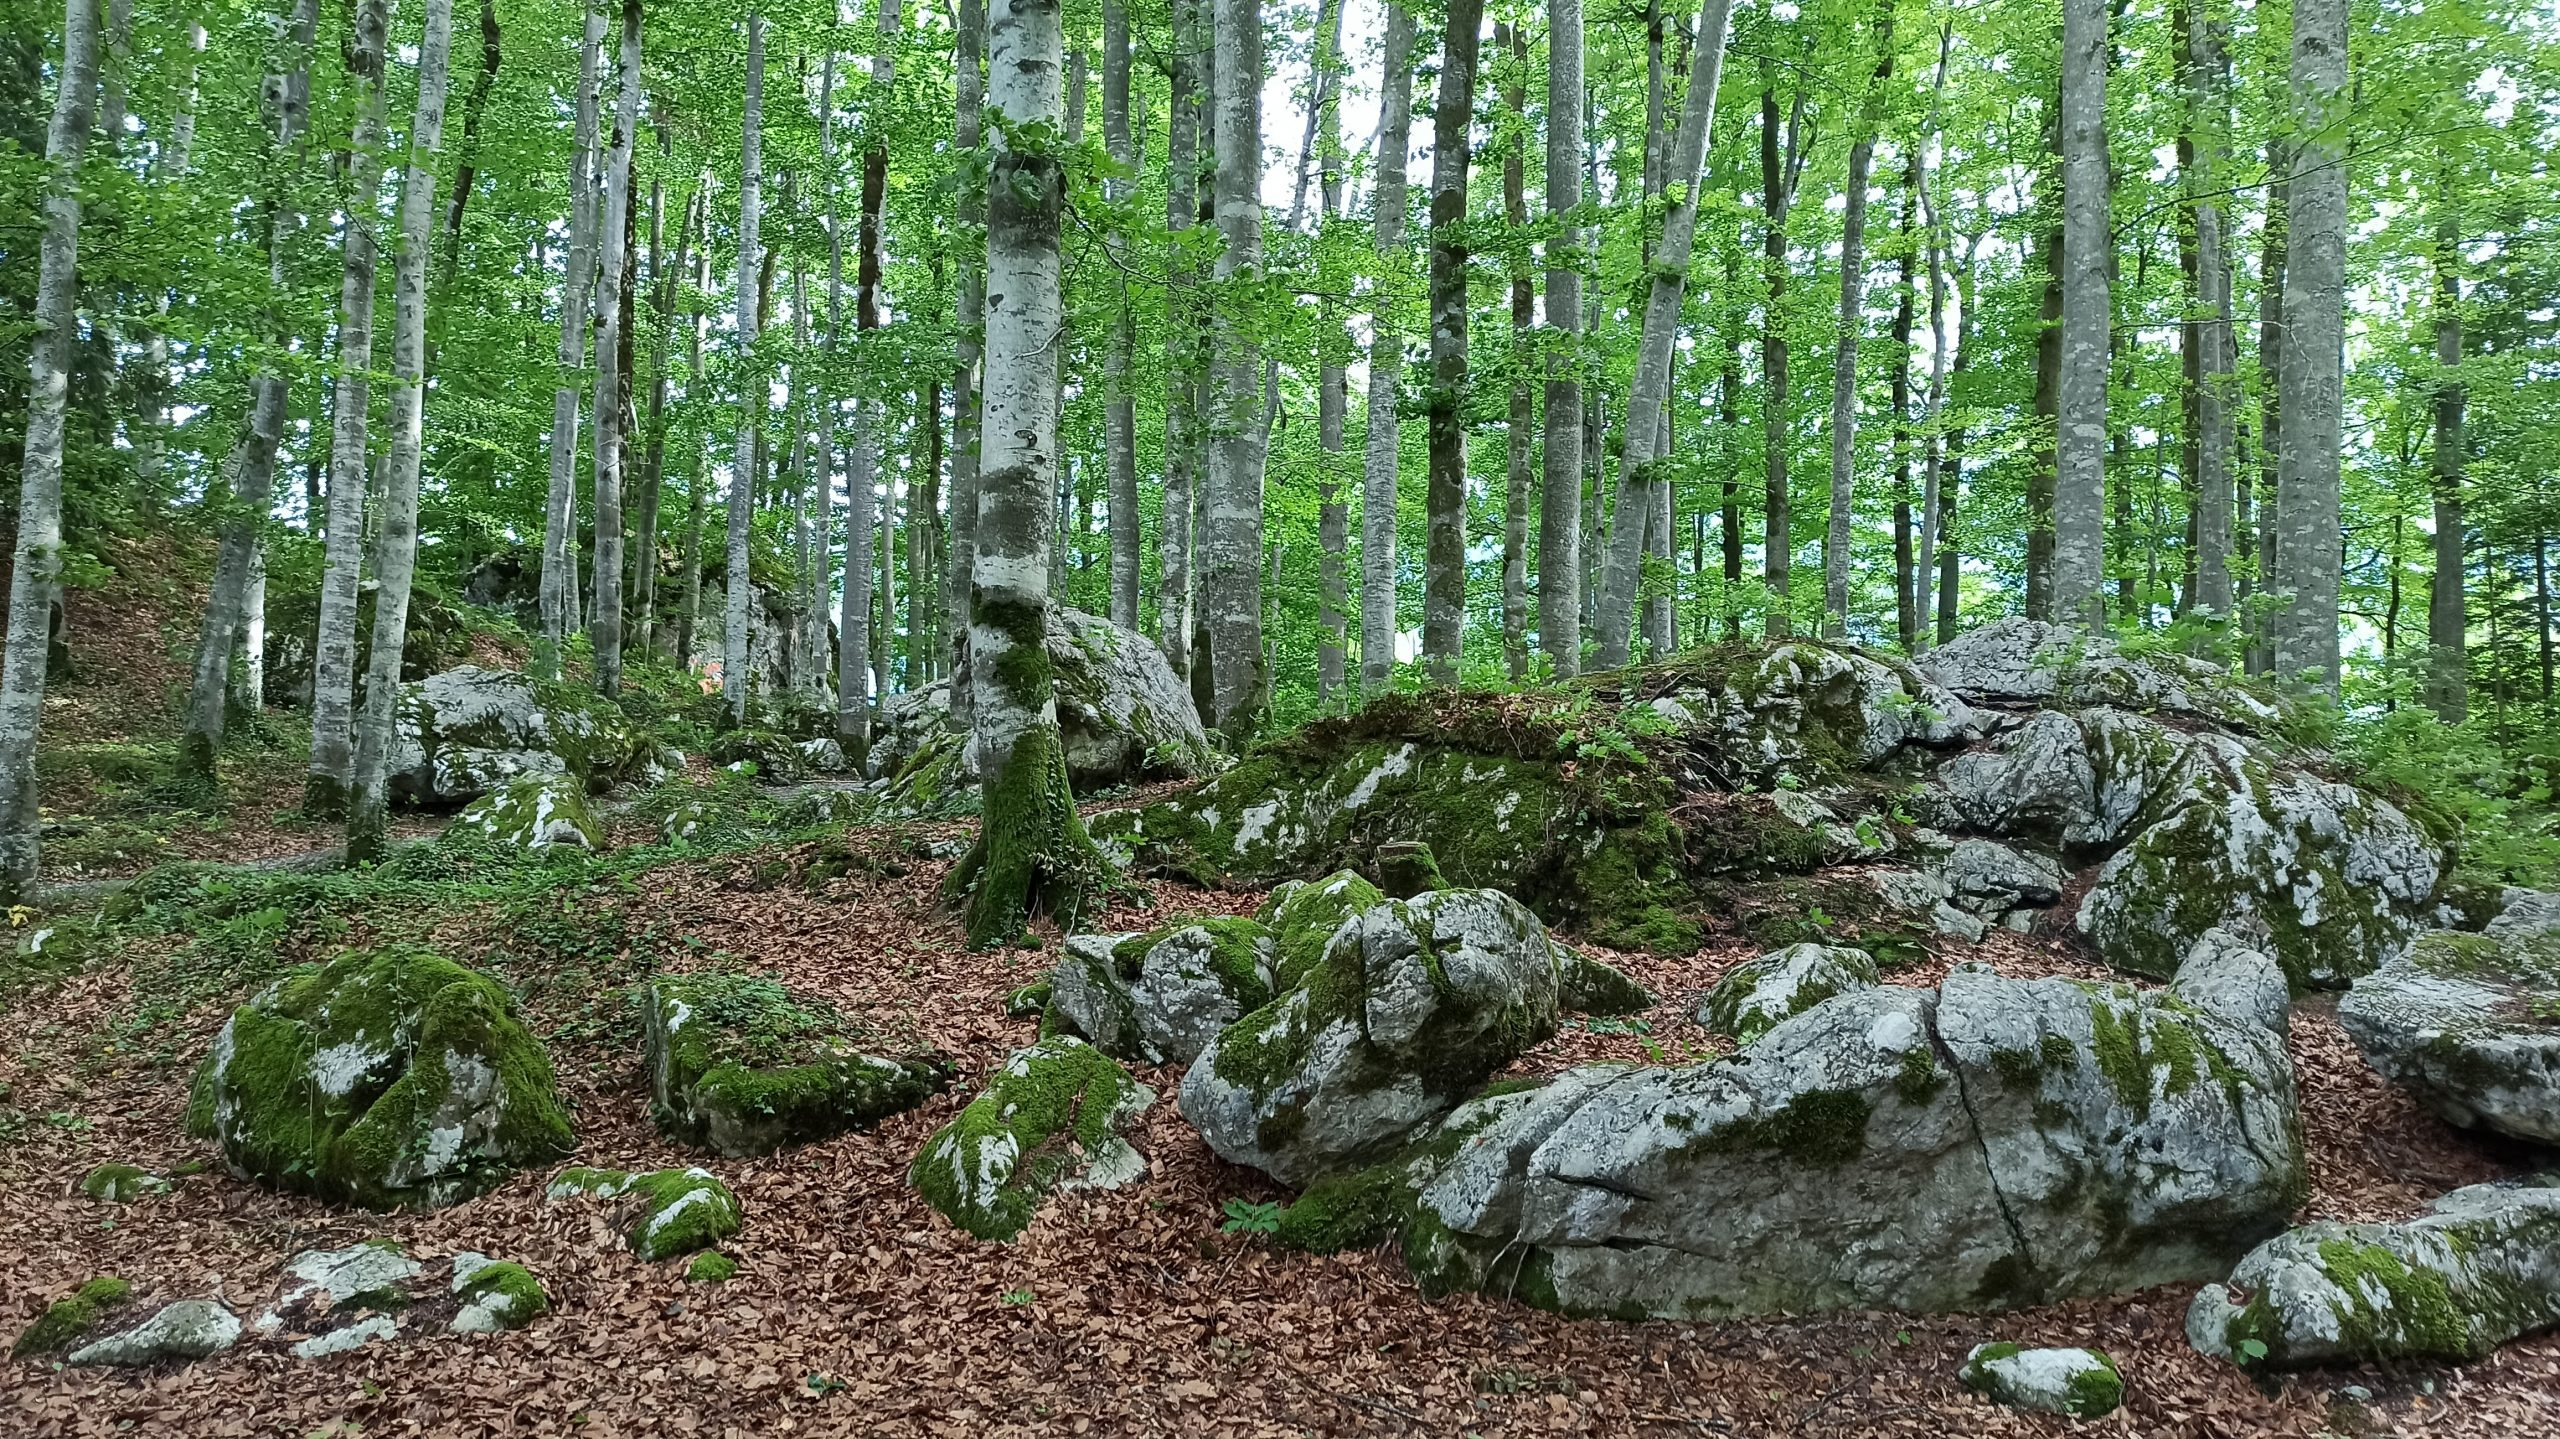 Im Bairaupark tankt man herrlich frische Luft, an heißen Tagen erfrischt man sich zudem am kleinen Quellwasserbrunnen